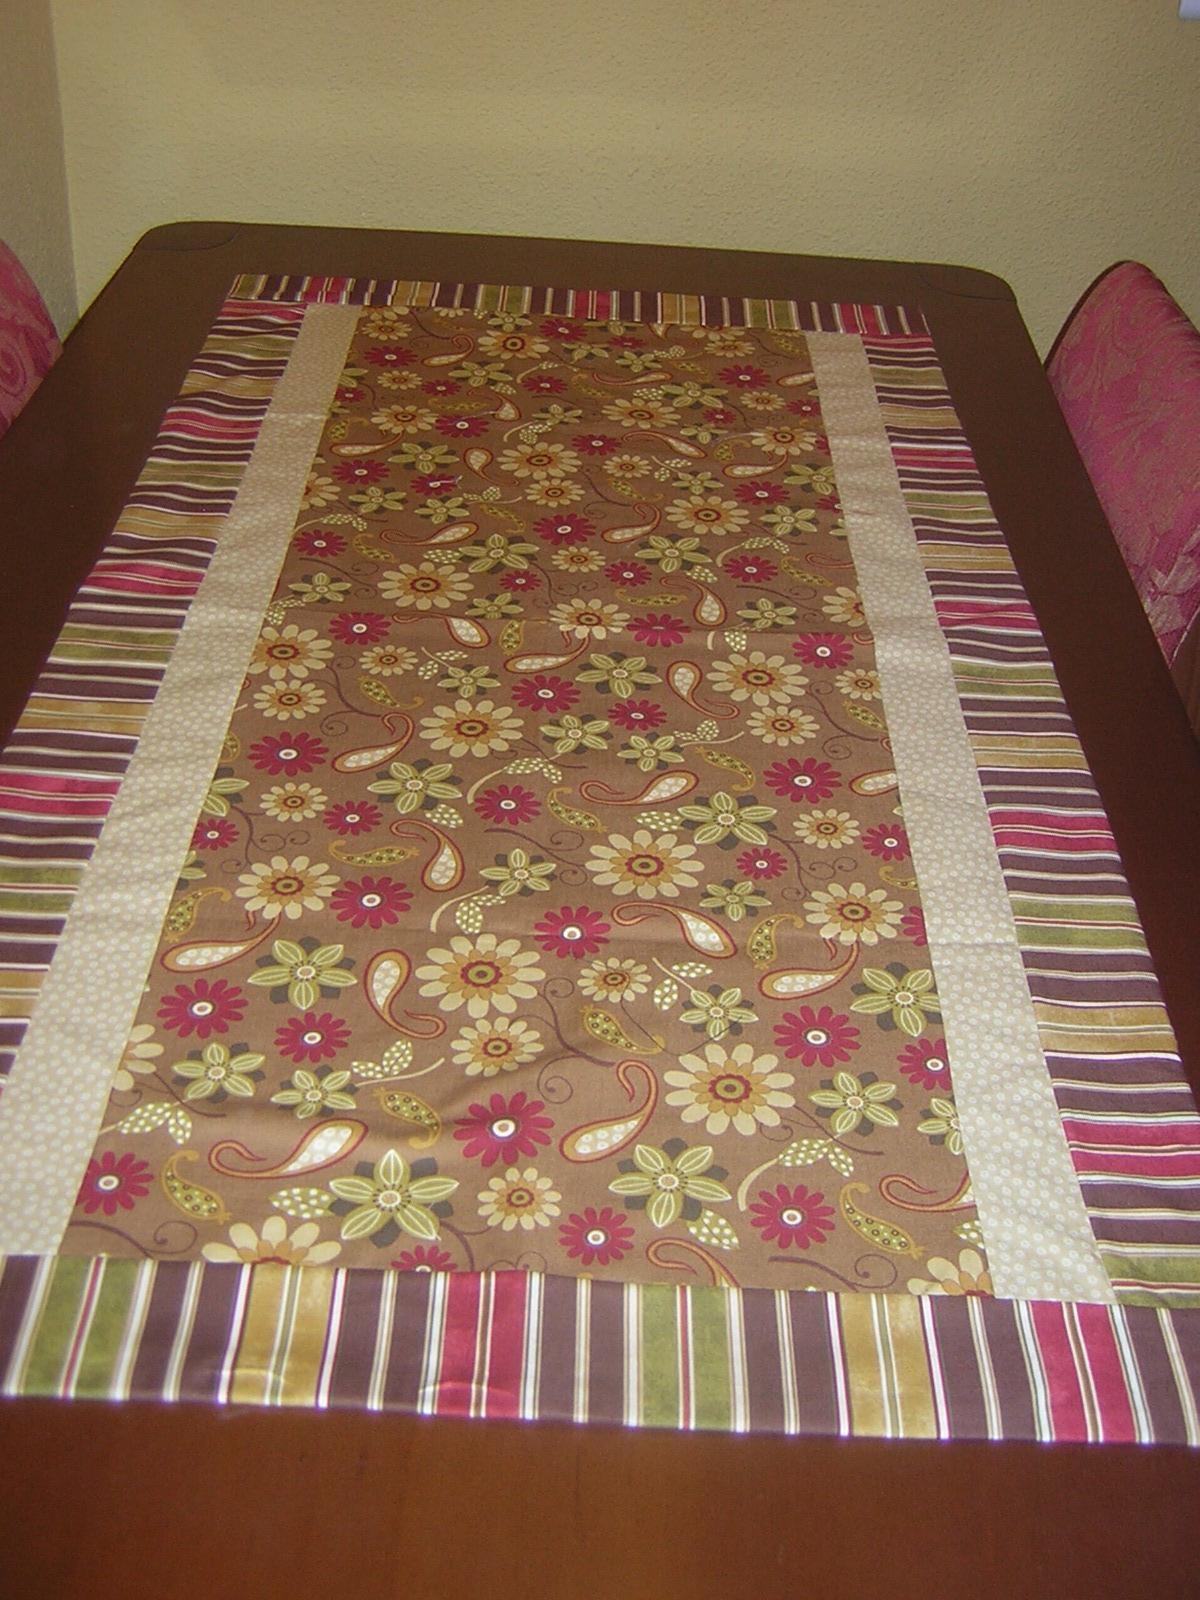 Las labores de la abuela kiki caminos de mesa - Caminos para mesas ...